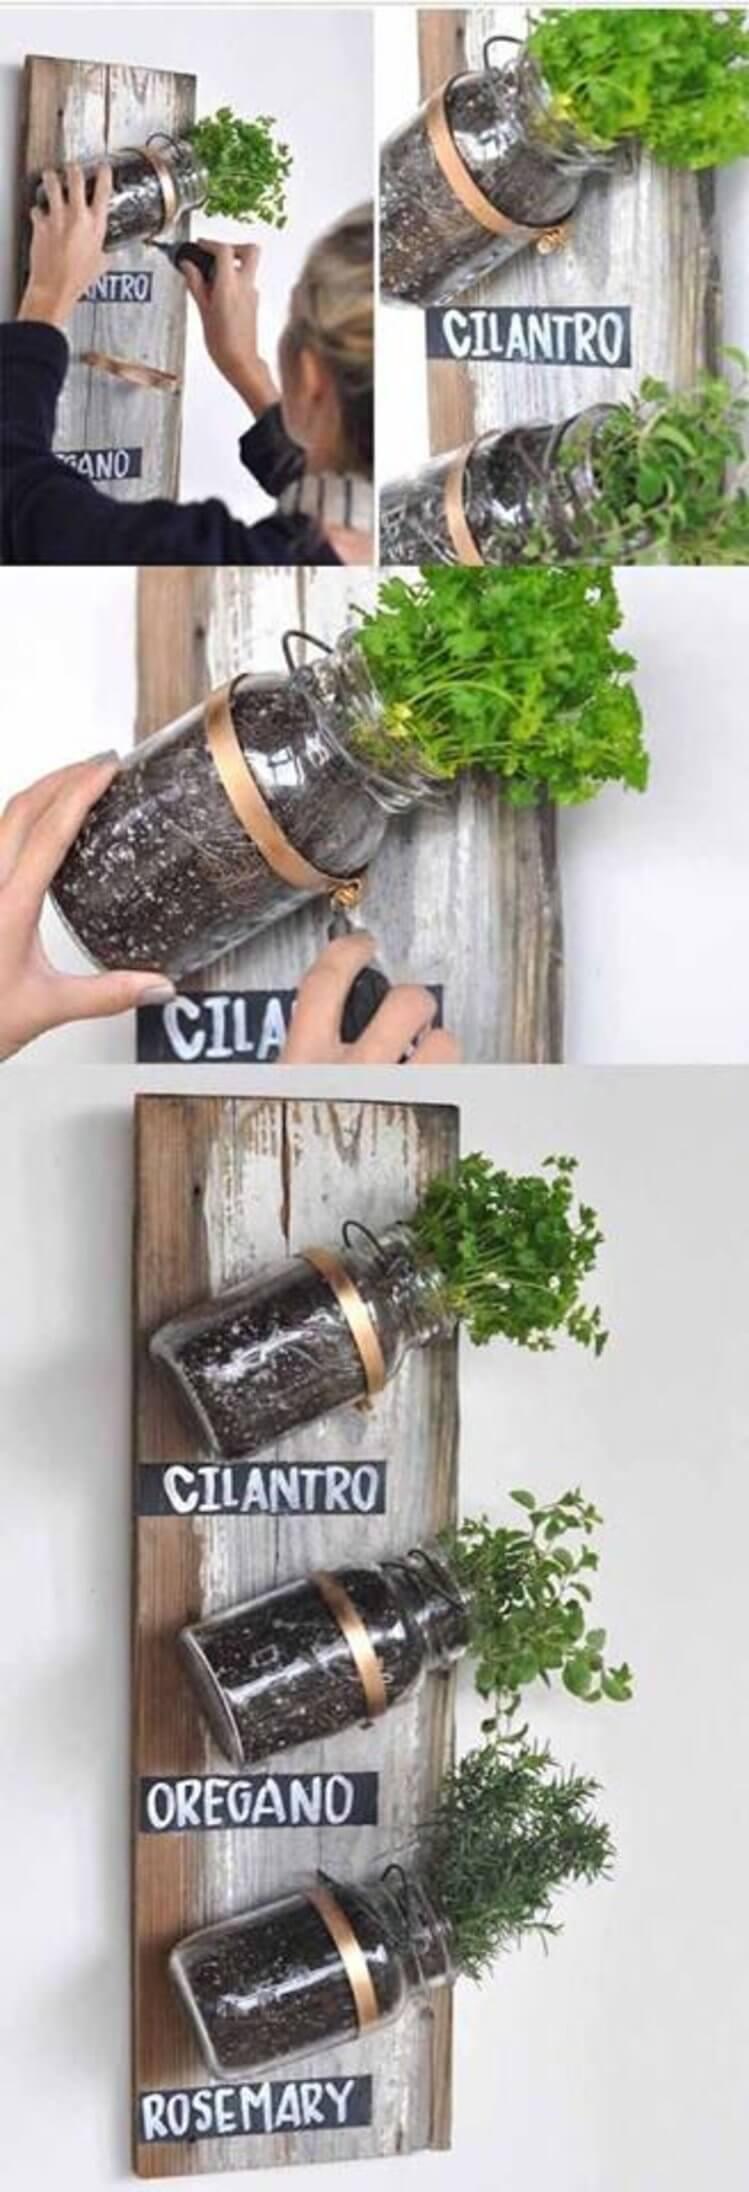 originales y creativos jardines hierbas 5